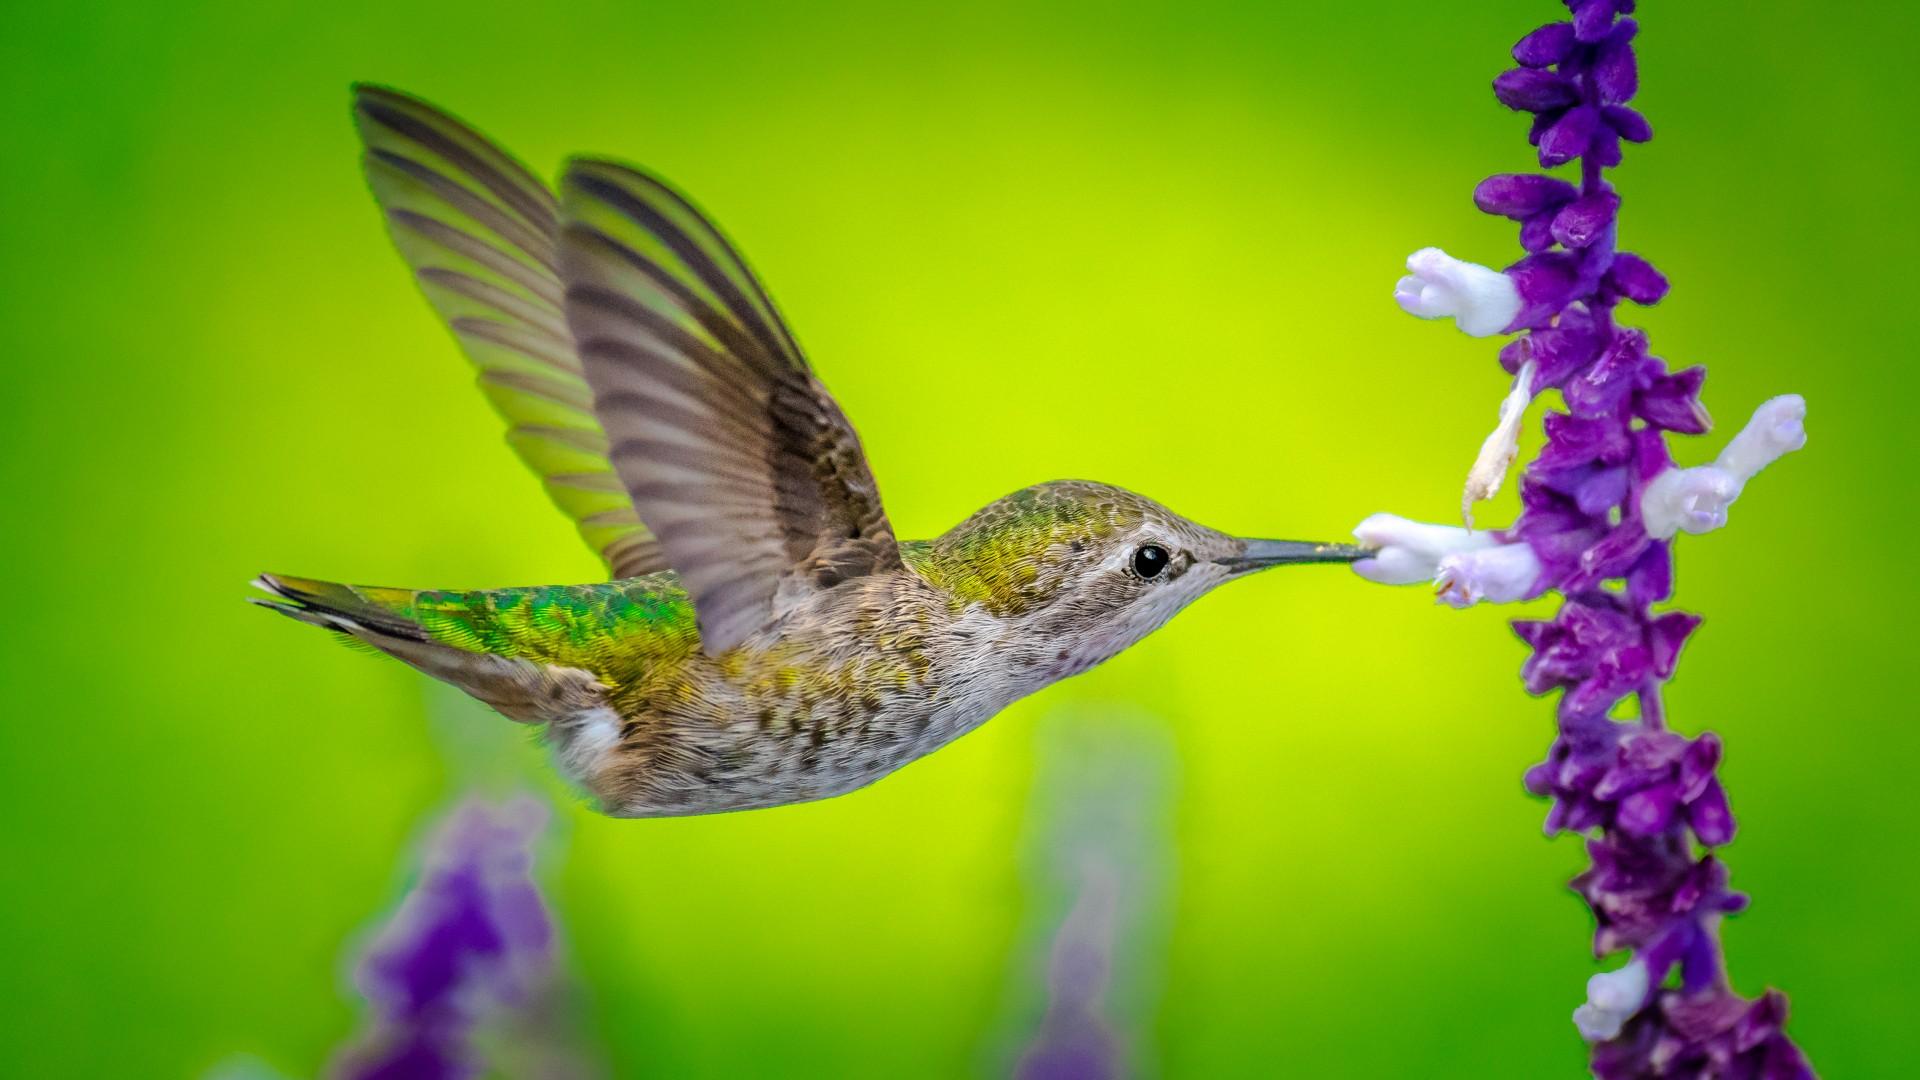 4k Wallpaper Exotic Cars Wallpaper Hummingbird Bird Flower 5k Animals 17838